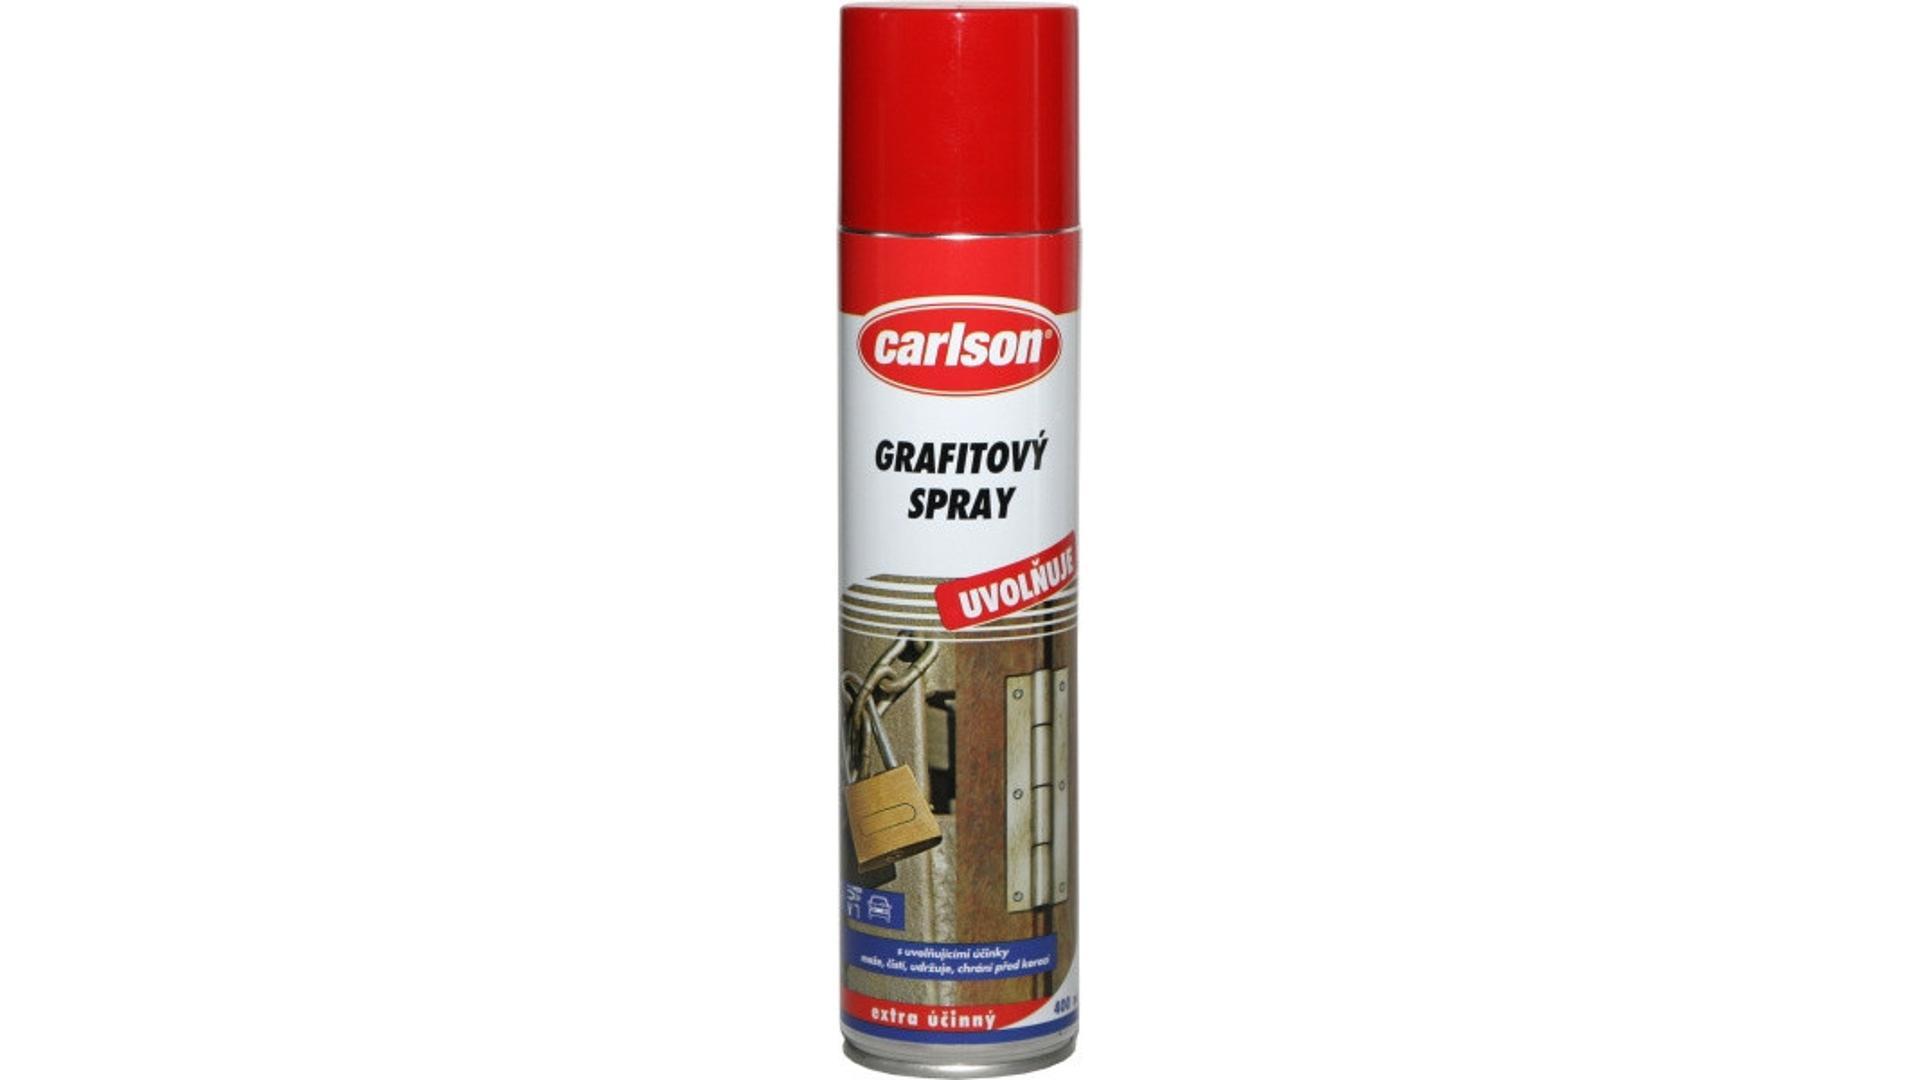 CARLSON grafitovej spray 400ml - aerosol